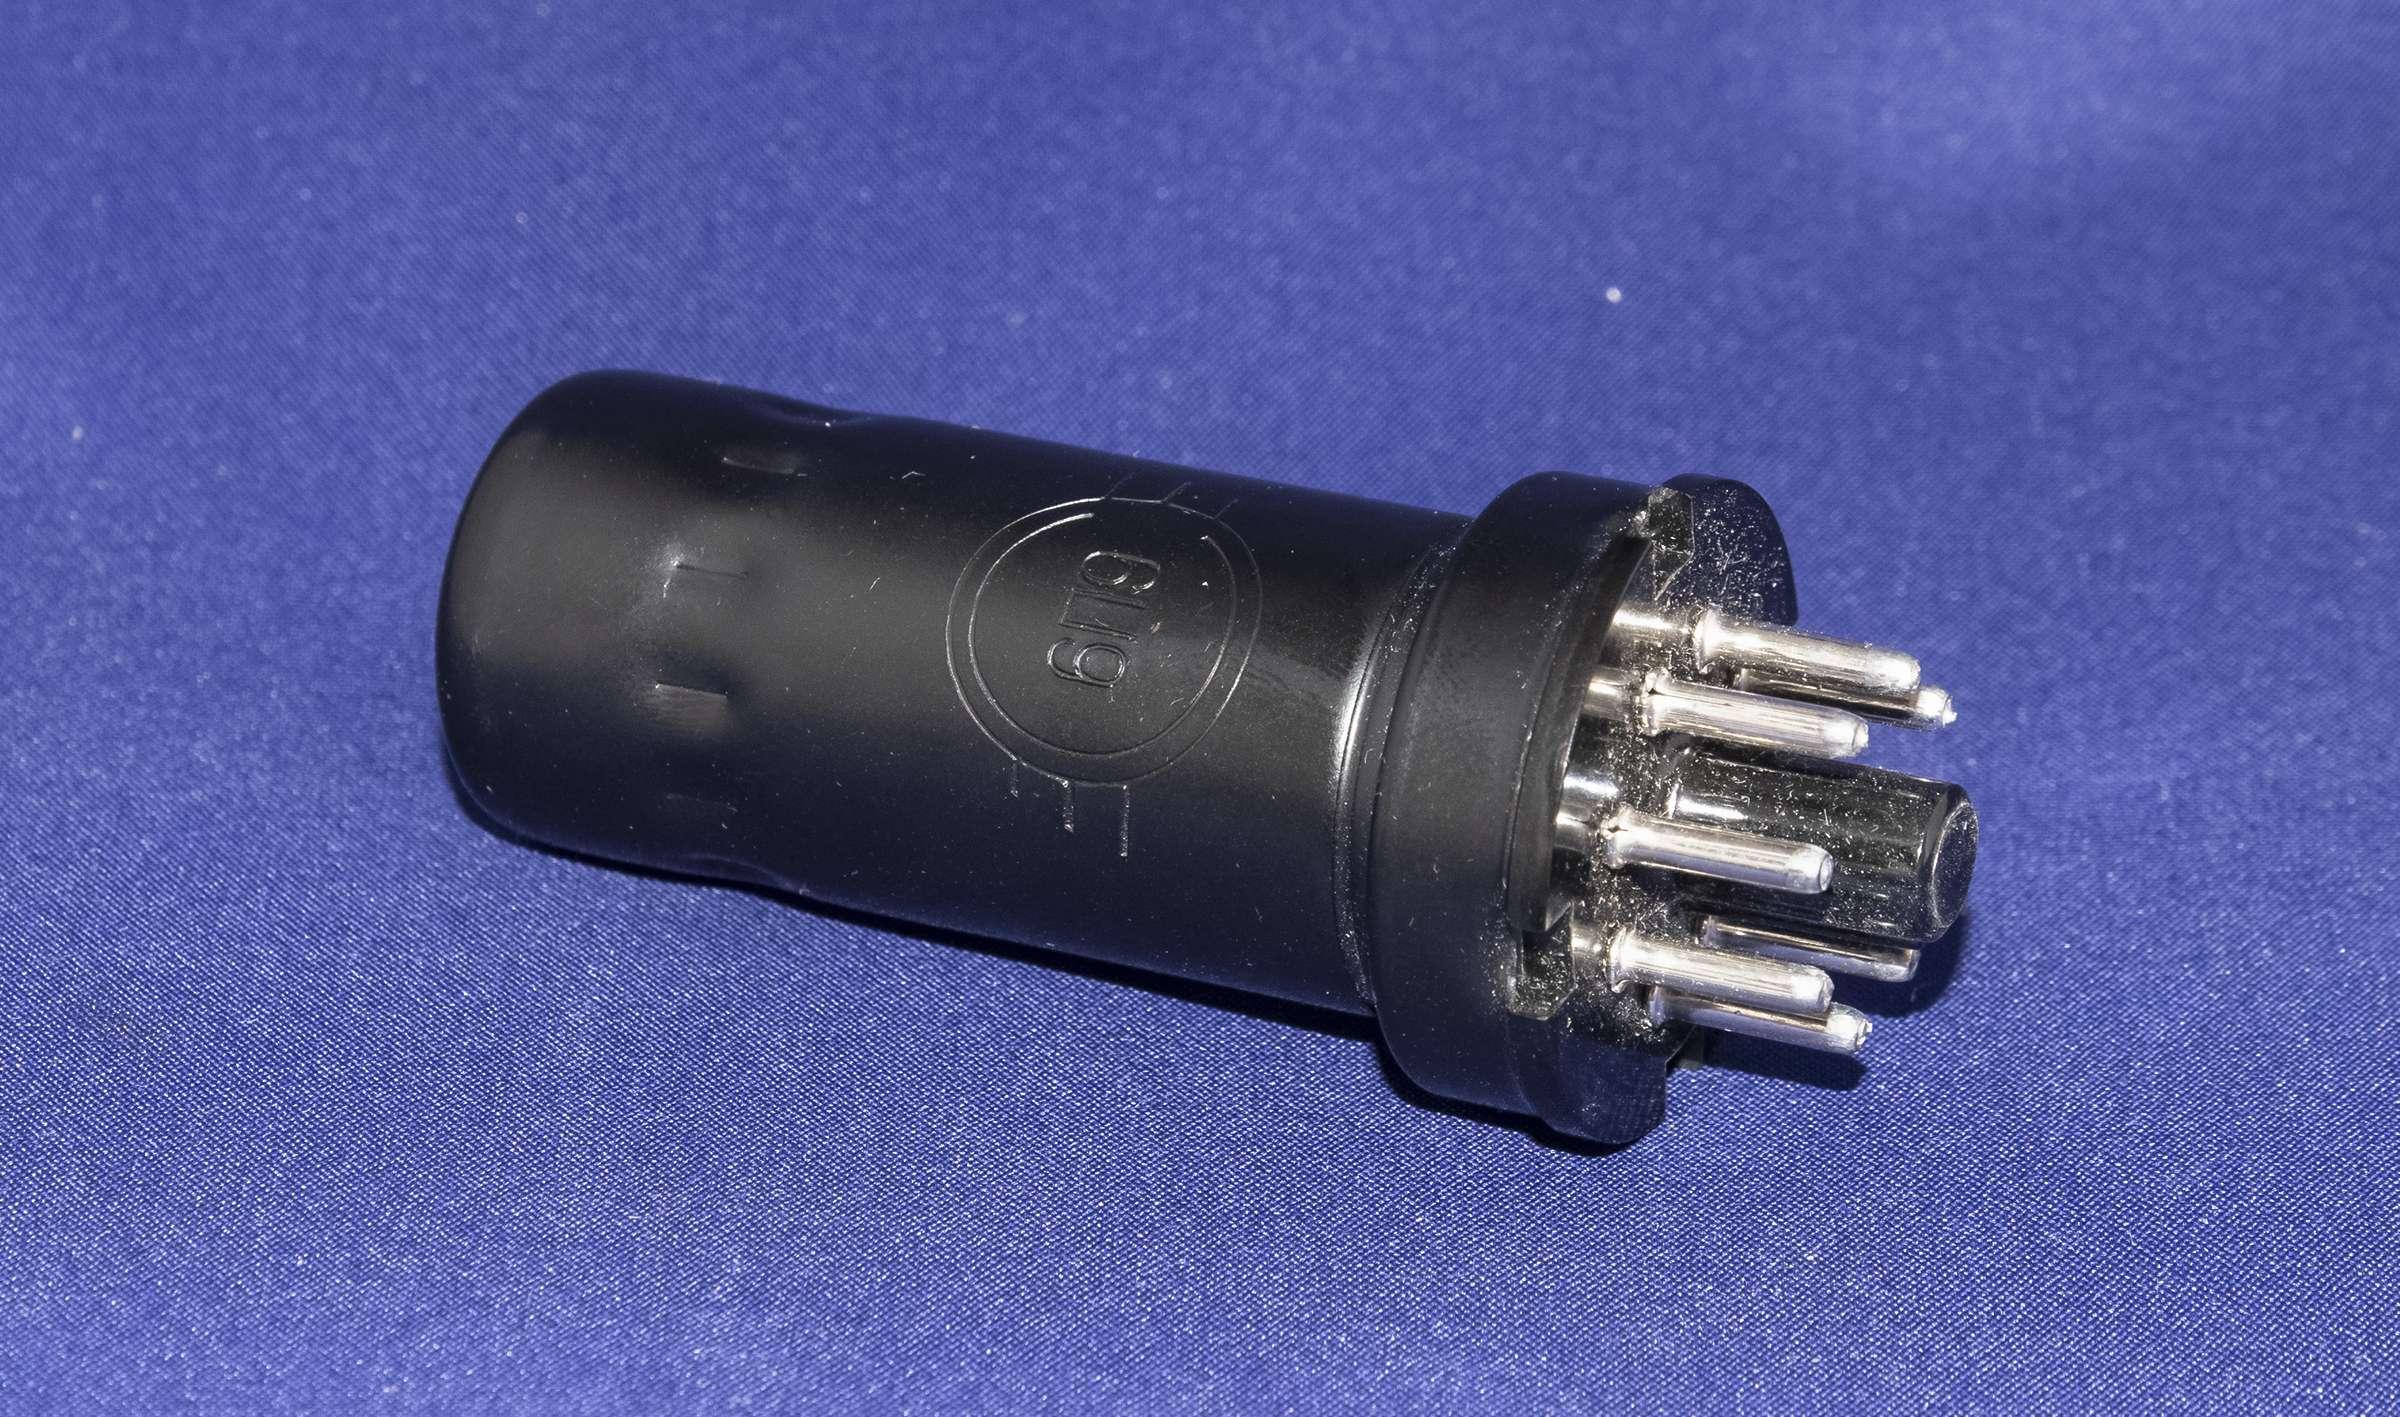 Внешний вид радиолампы 6П9